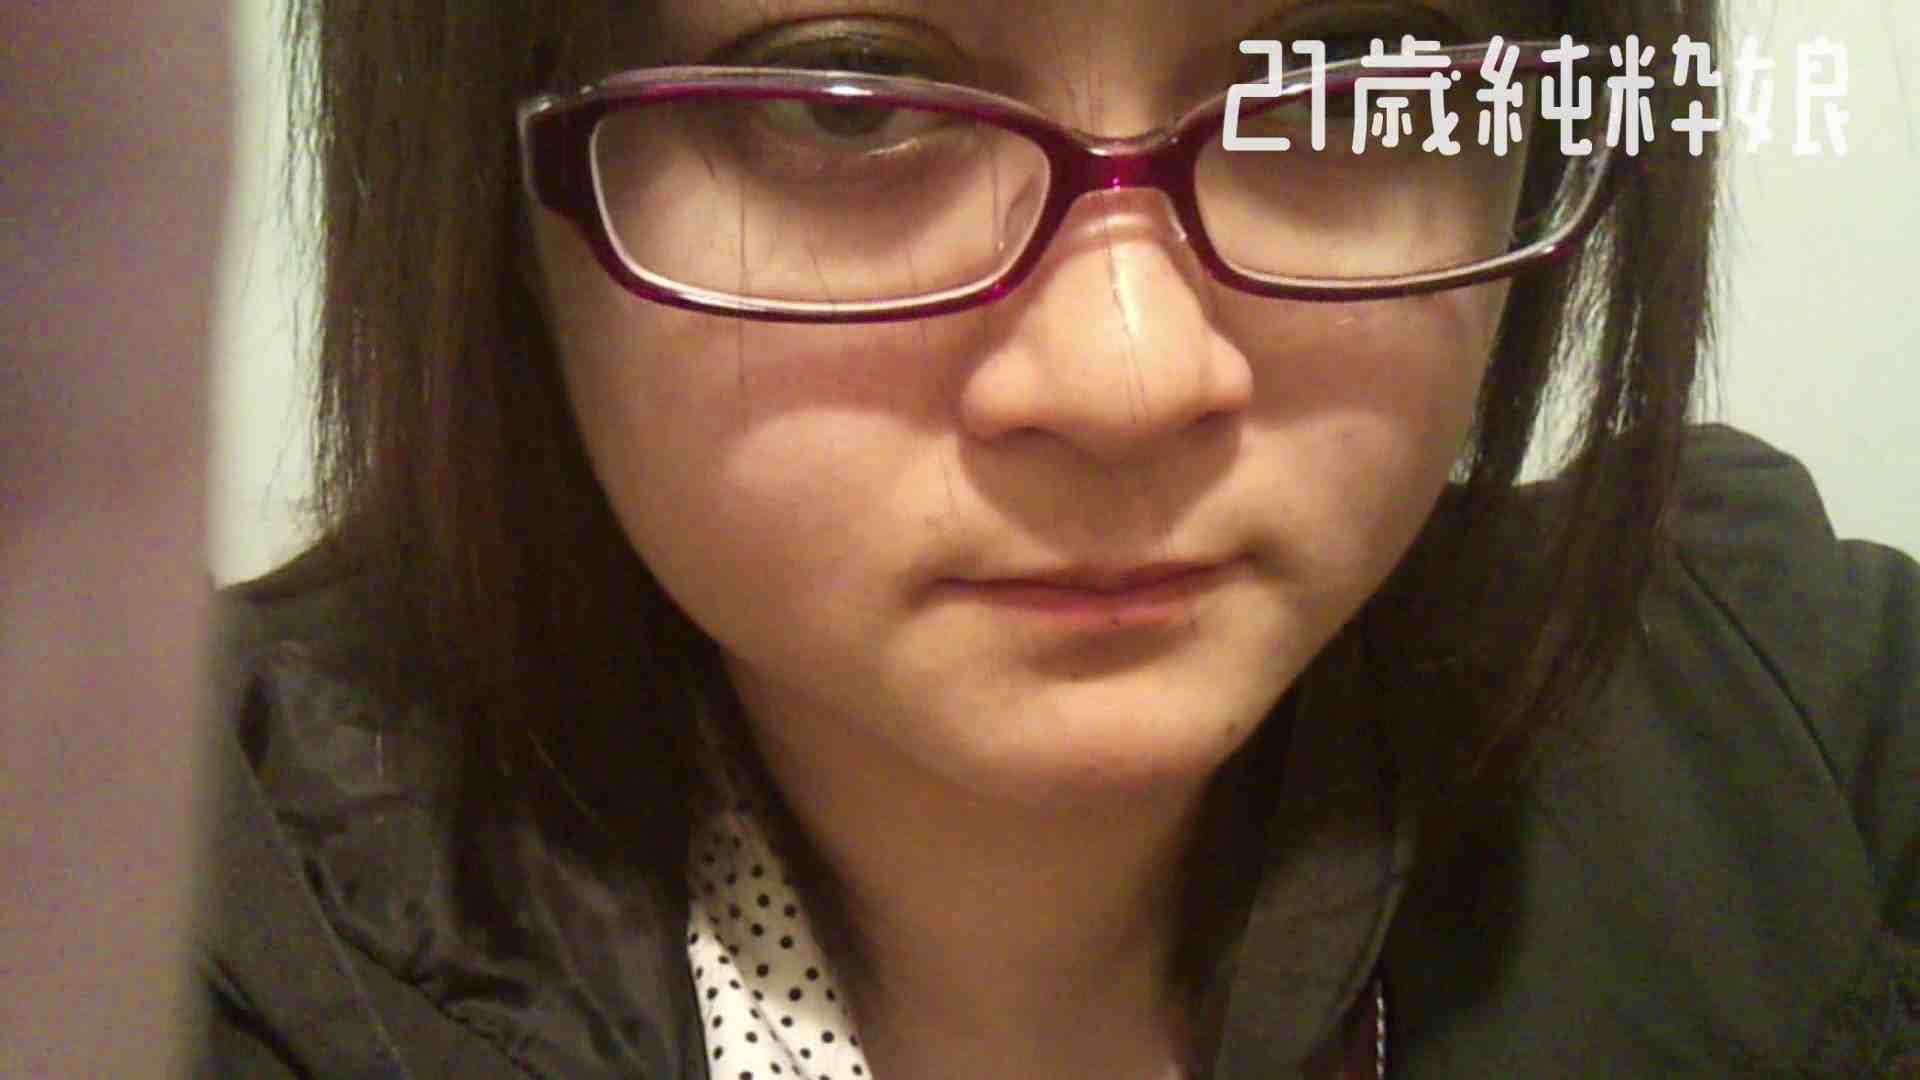 Gカップ21歳純粋嬢第2弾Vol.5 一般投稿  99連発 82